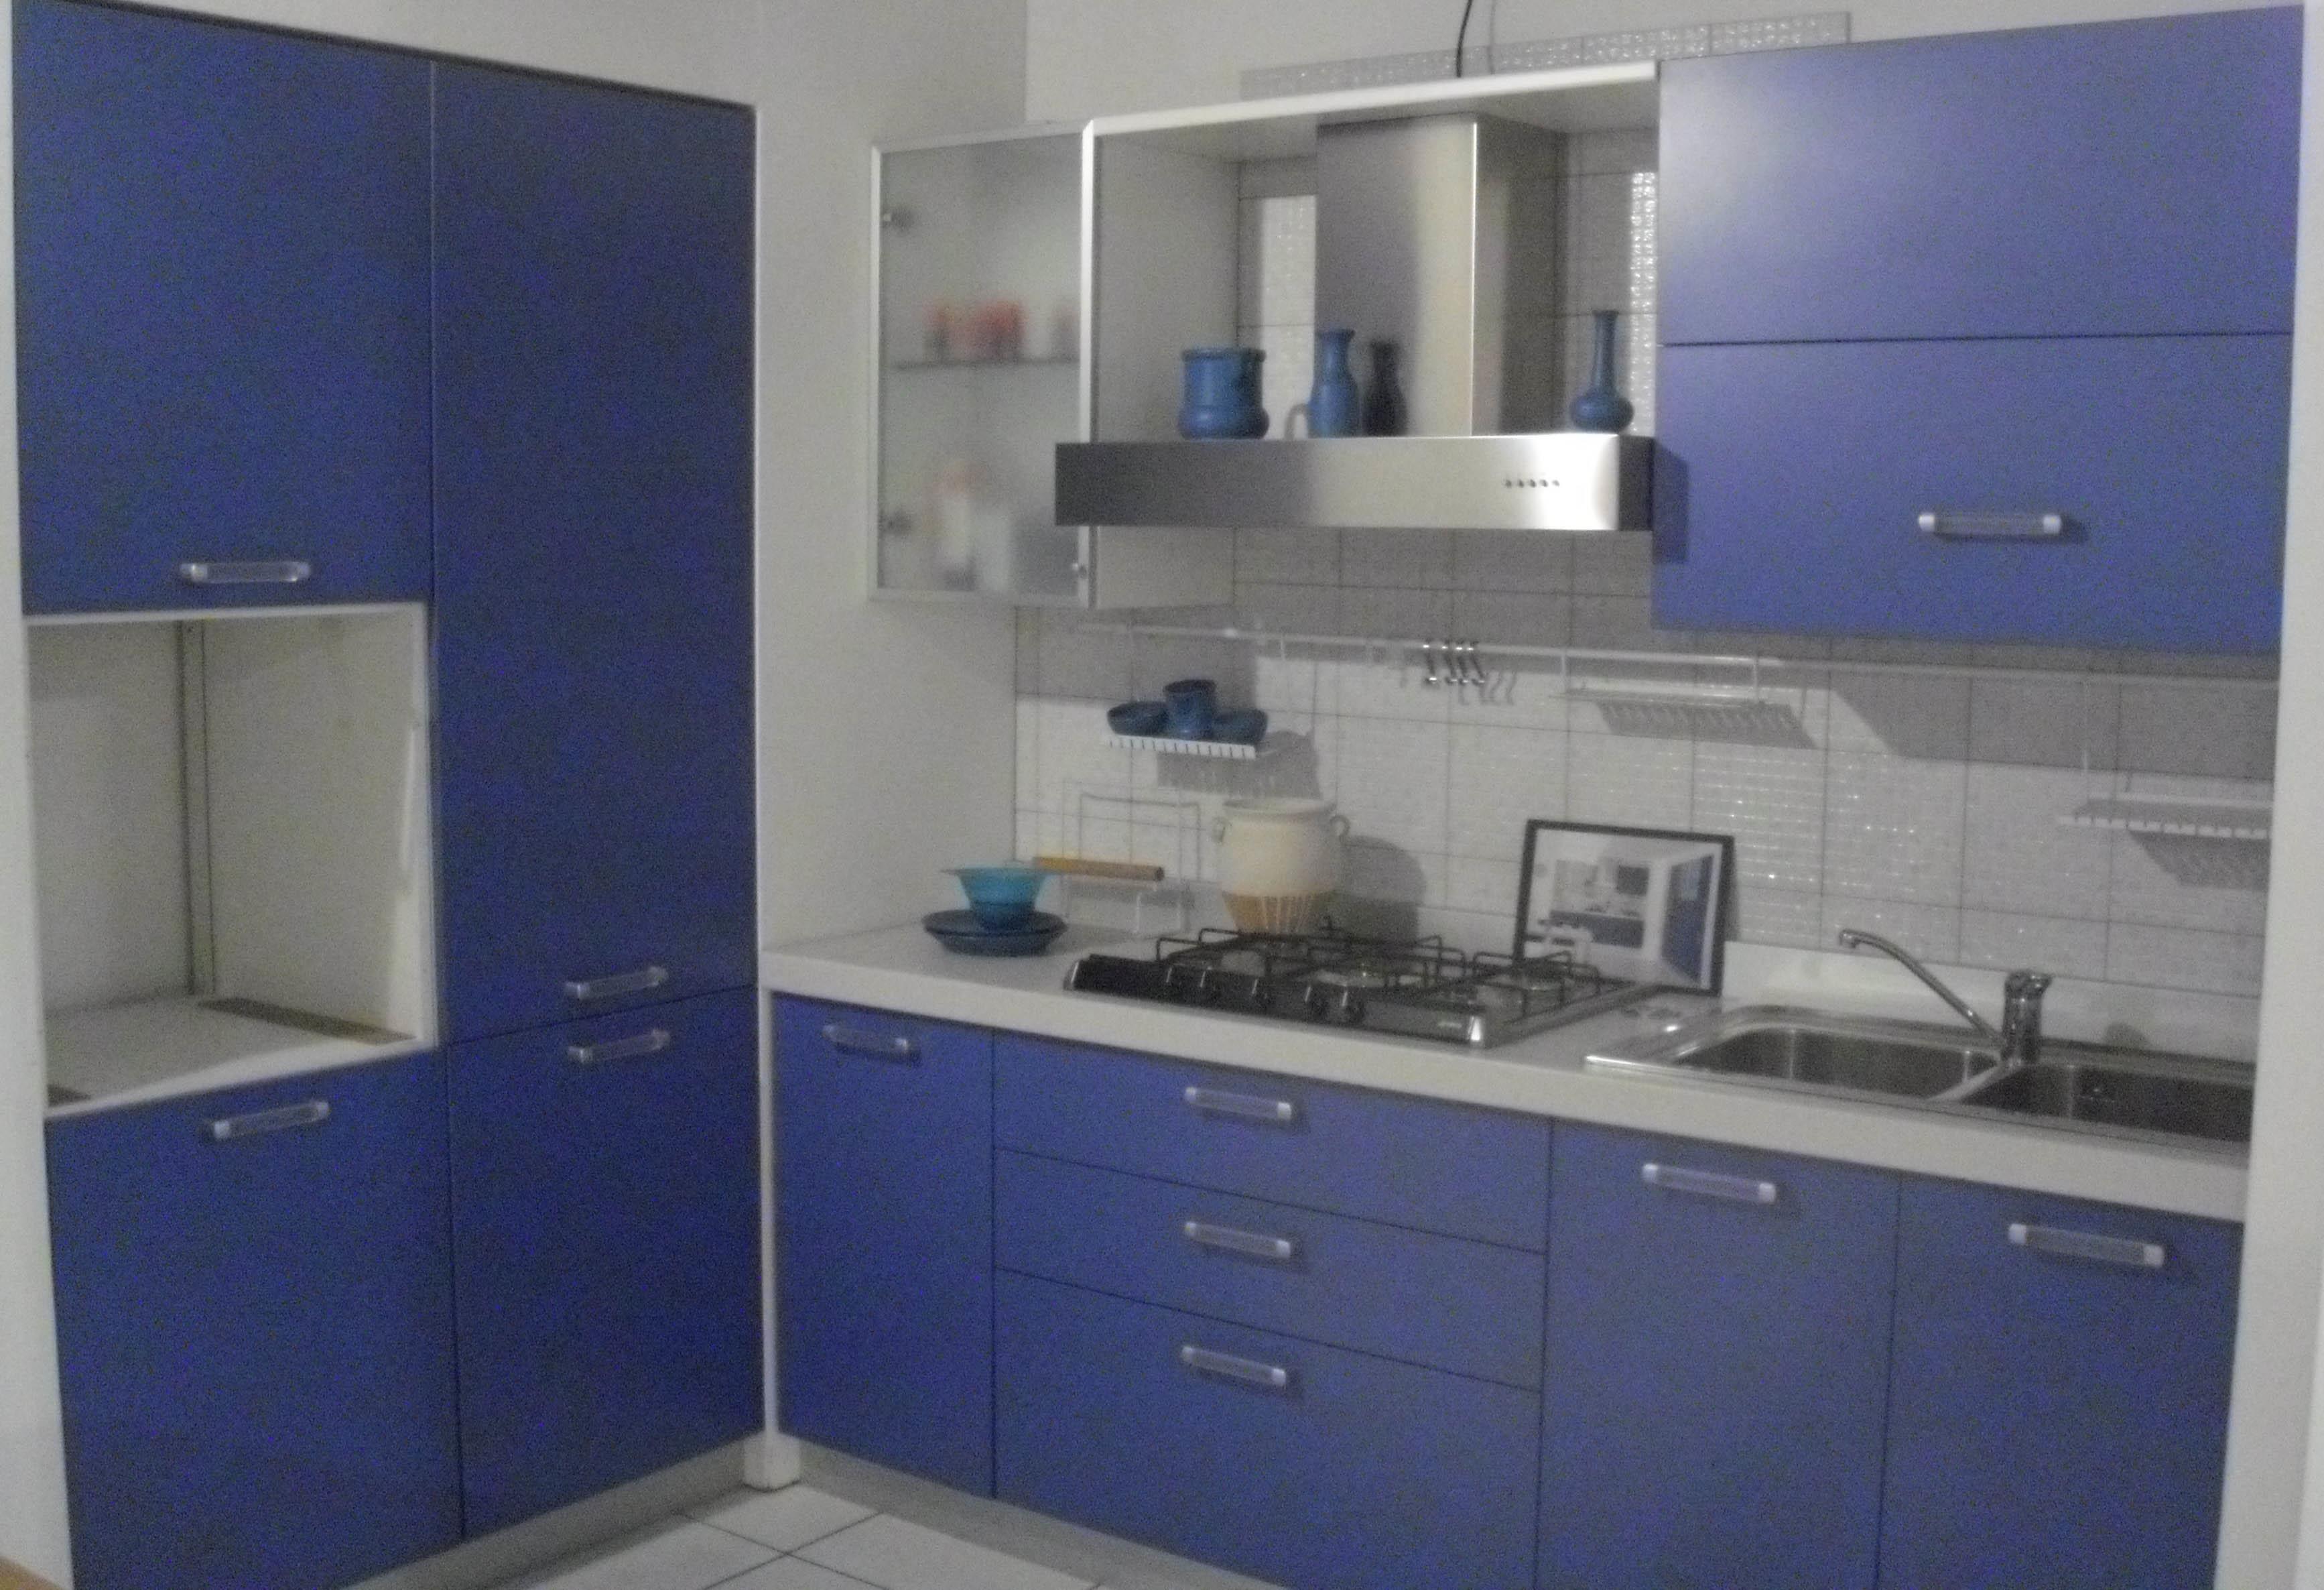 Cucine componibili in kit di montaggio prezzo good un vasta offerta di arredamenti per la - Cucine componibili in kit di montaggio prezzo ...